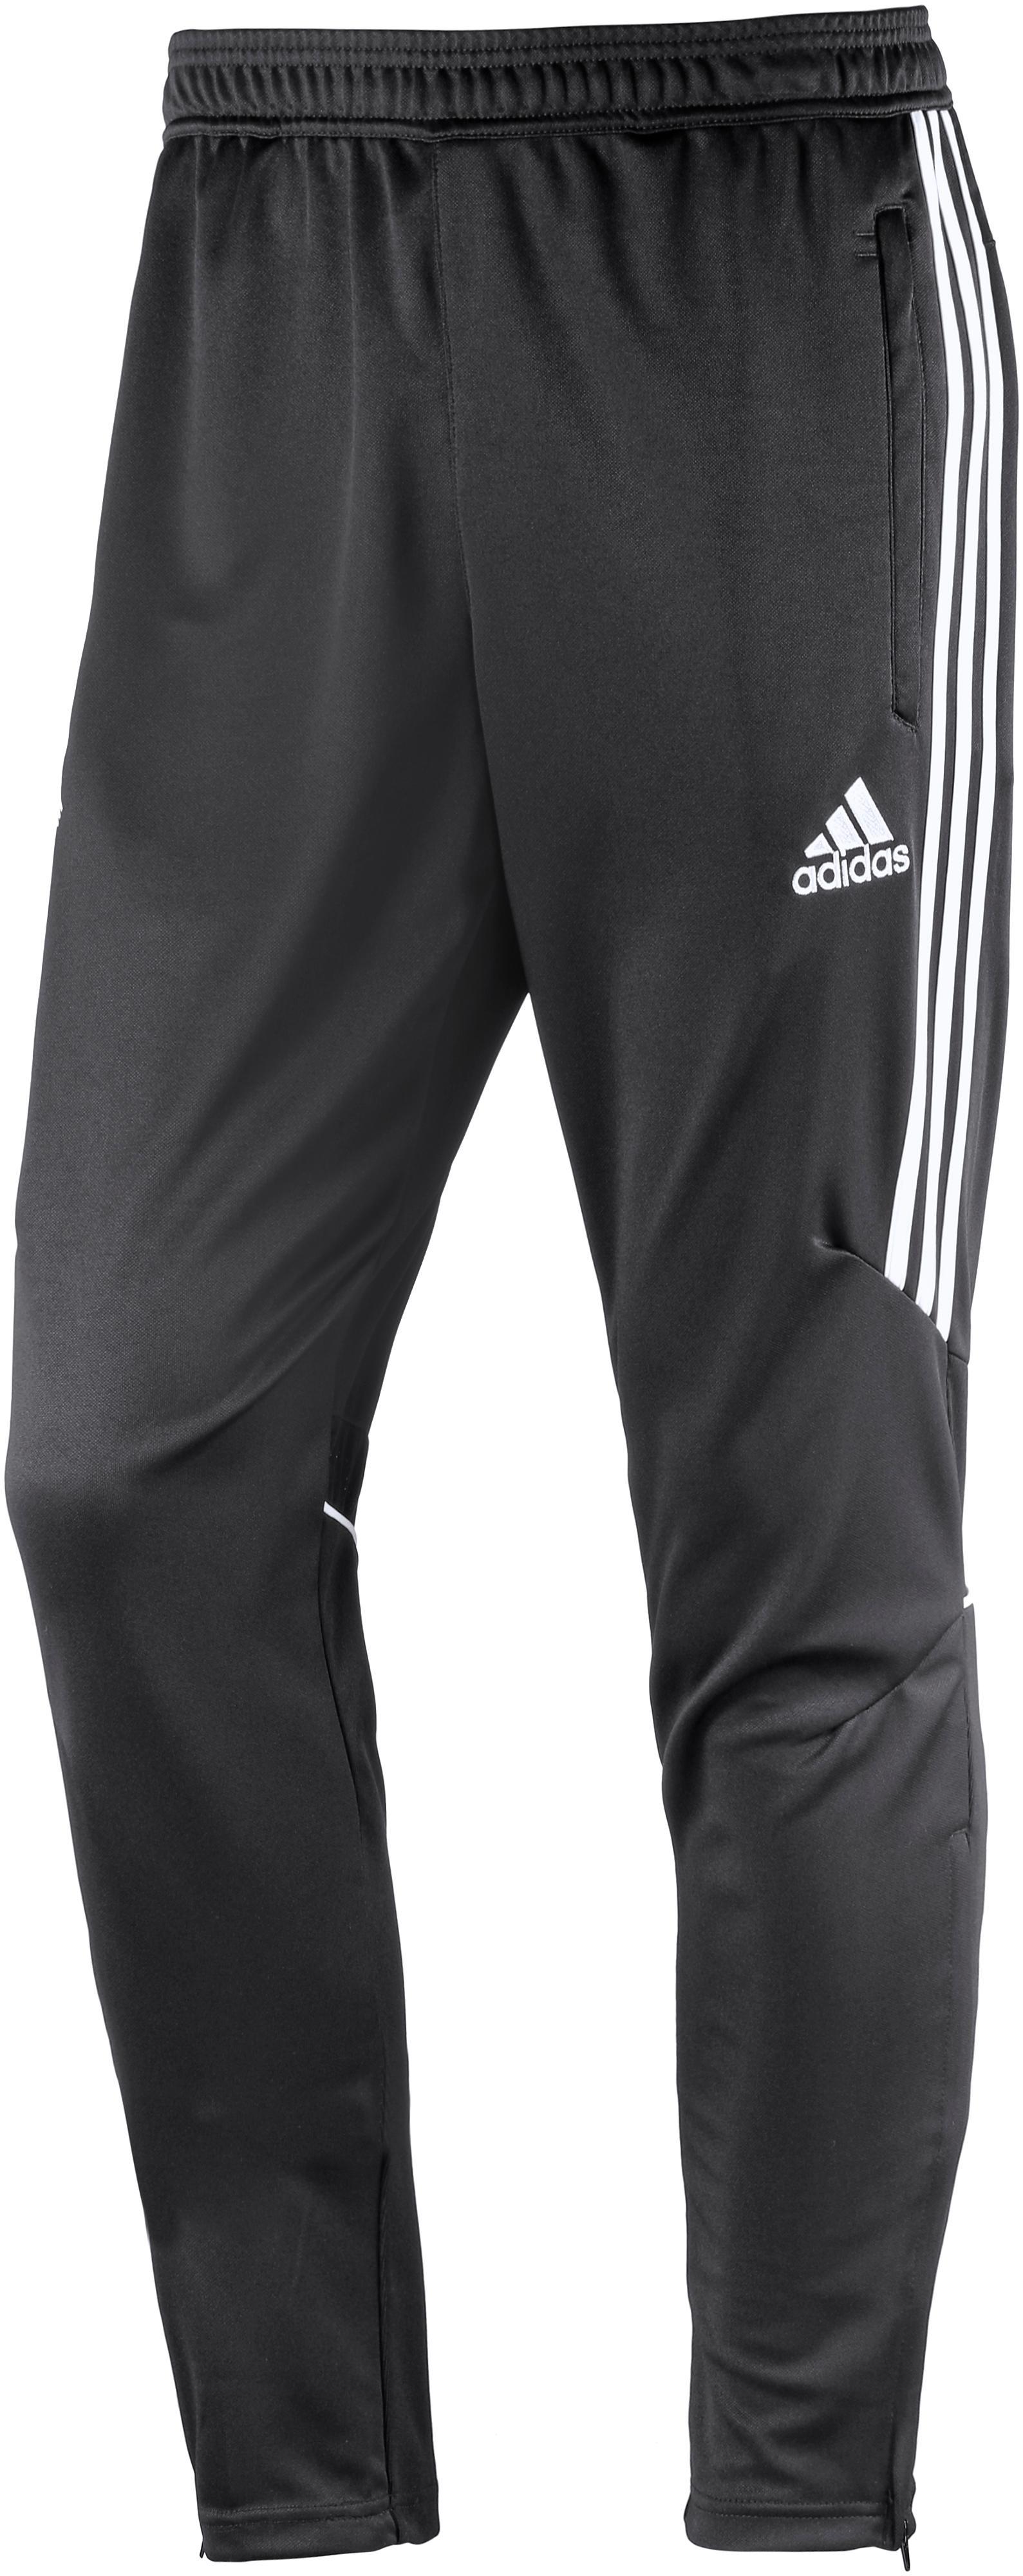 adidas TANC Trainingshose Herren schwarz im Online Shop von SportScheck kaufen